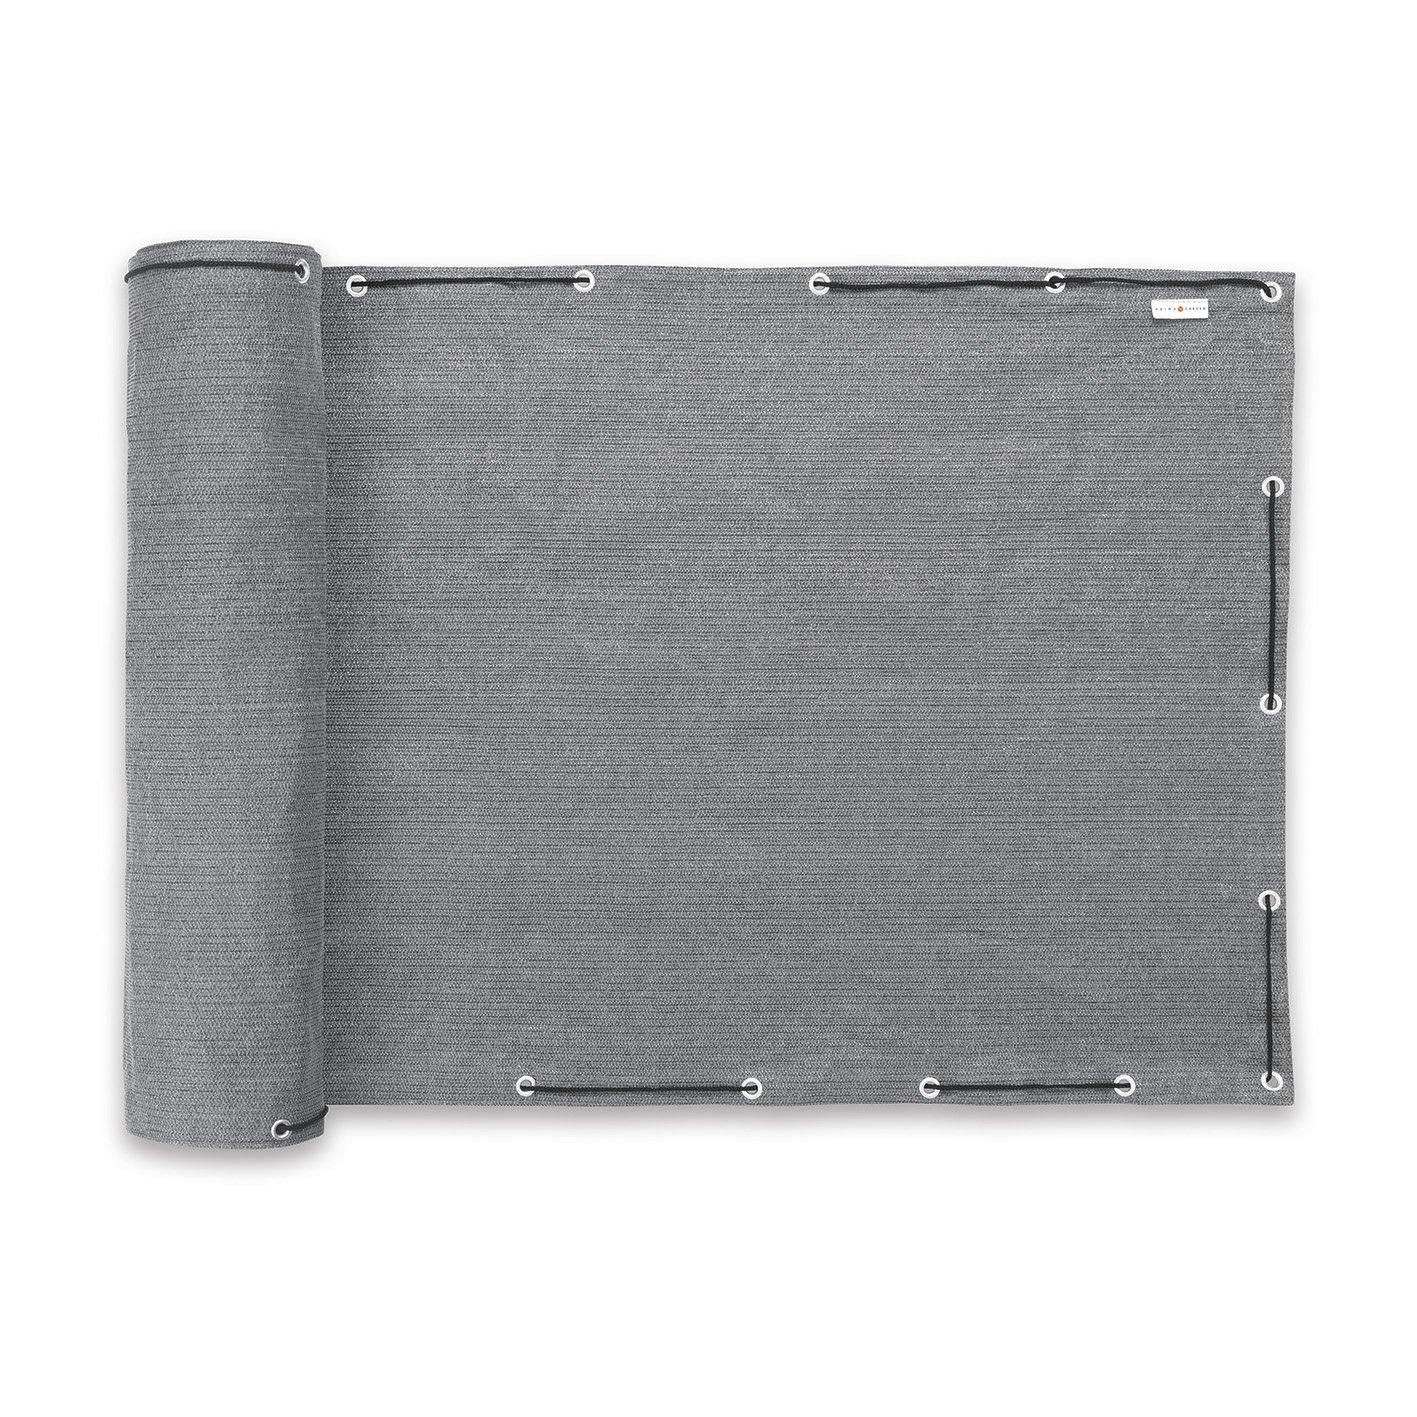 Prima Garden balcone della Visione di e–?? in grigio | 500x 90cm | falte libero | robusto | Resistente alle intemperie, resistente ai raggi UV | Privacy di tenuta